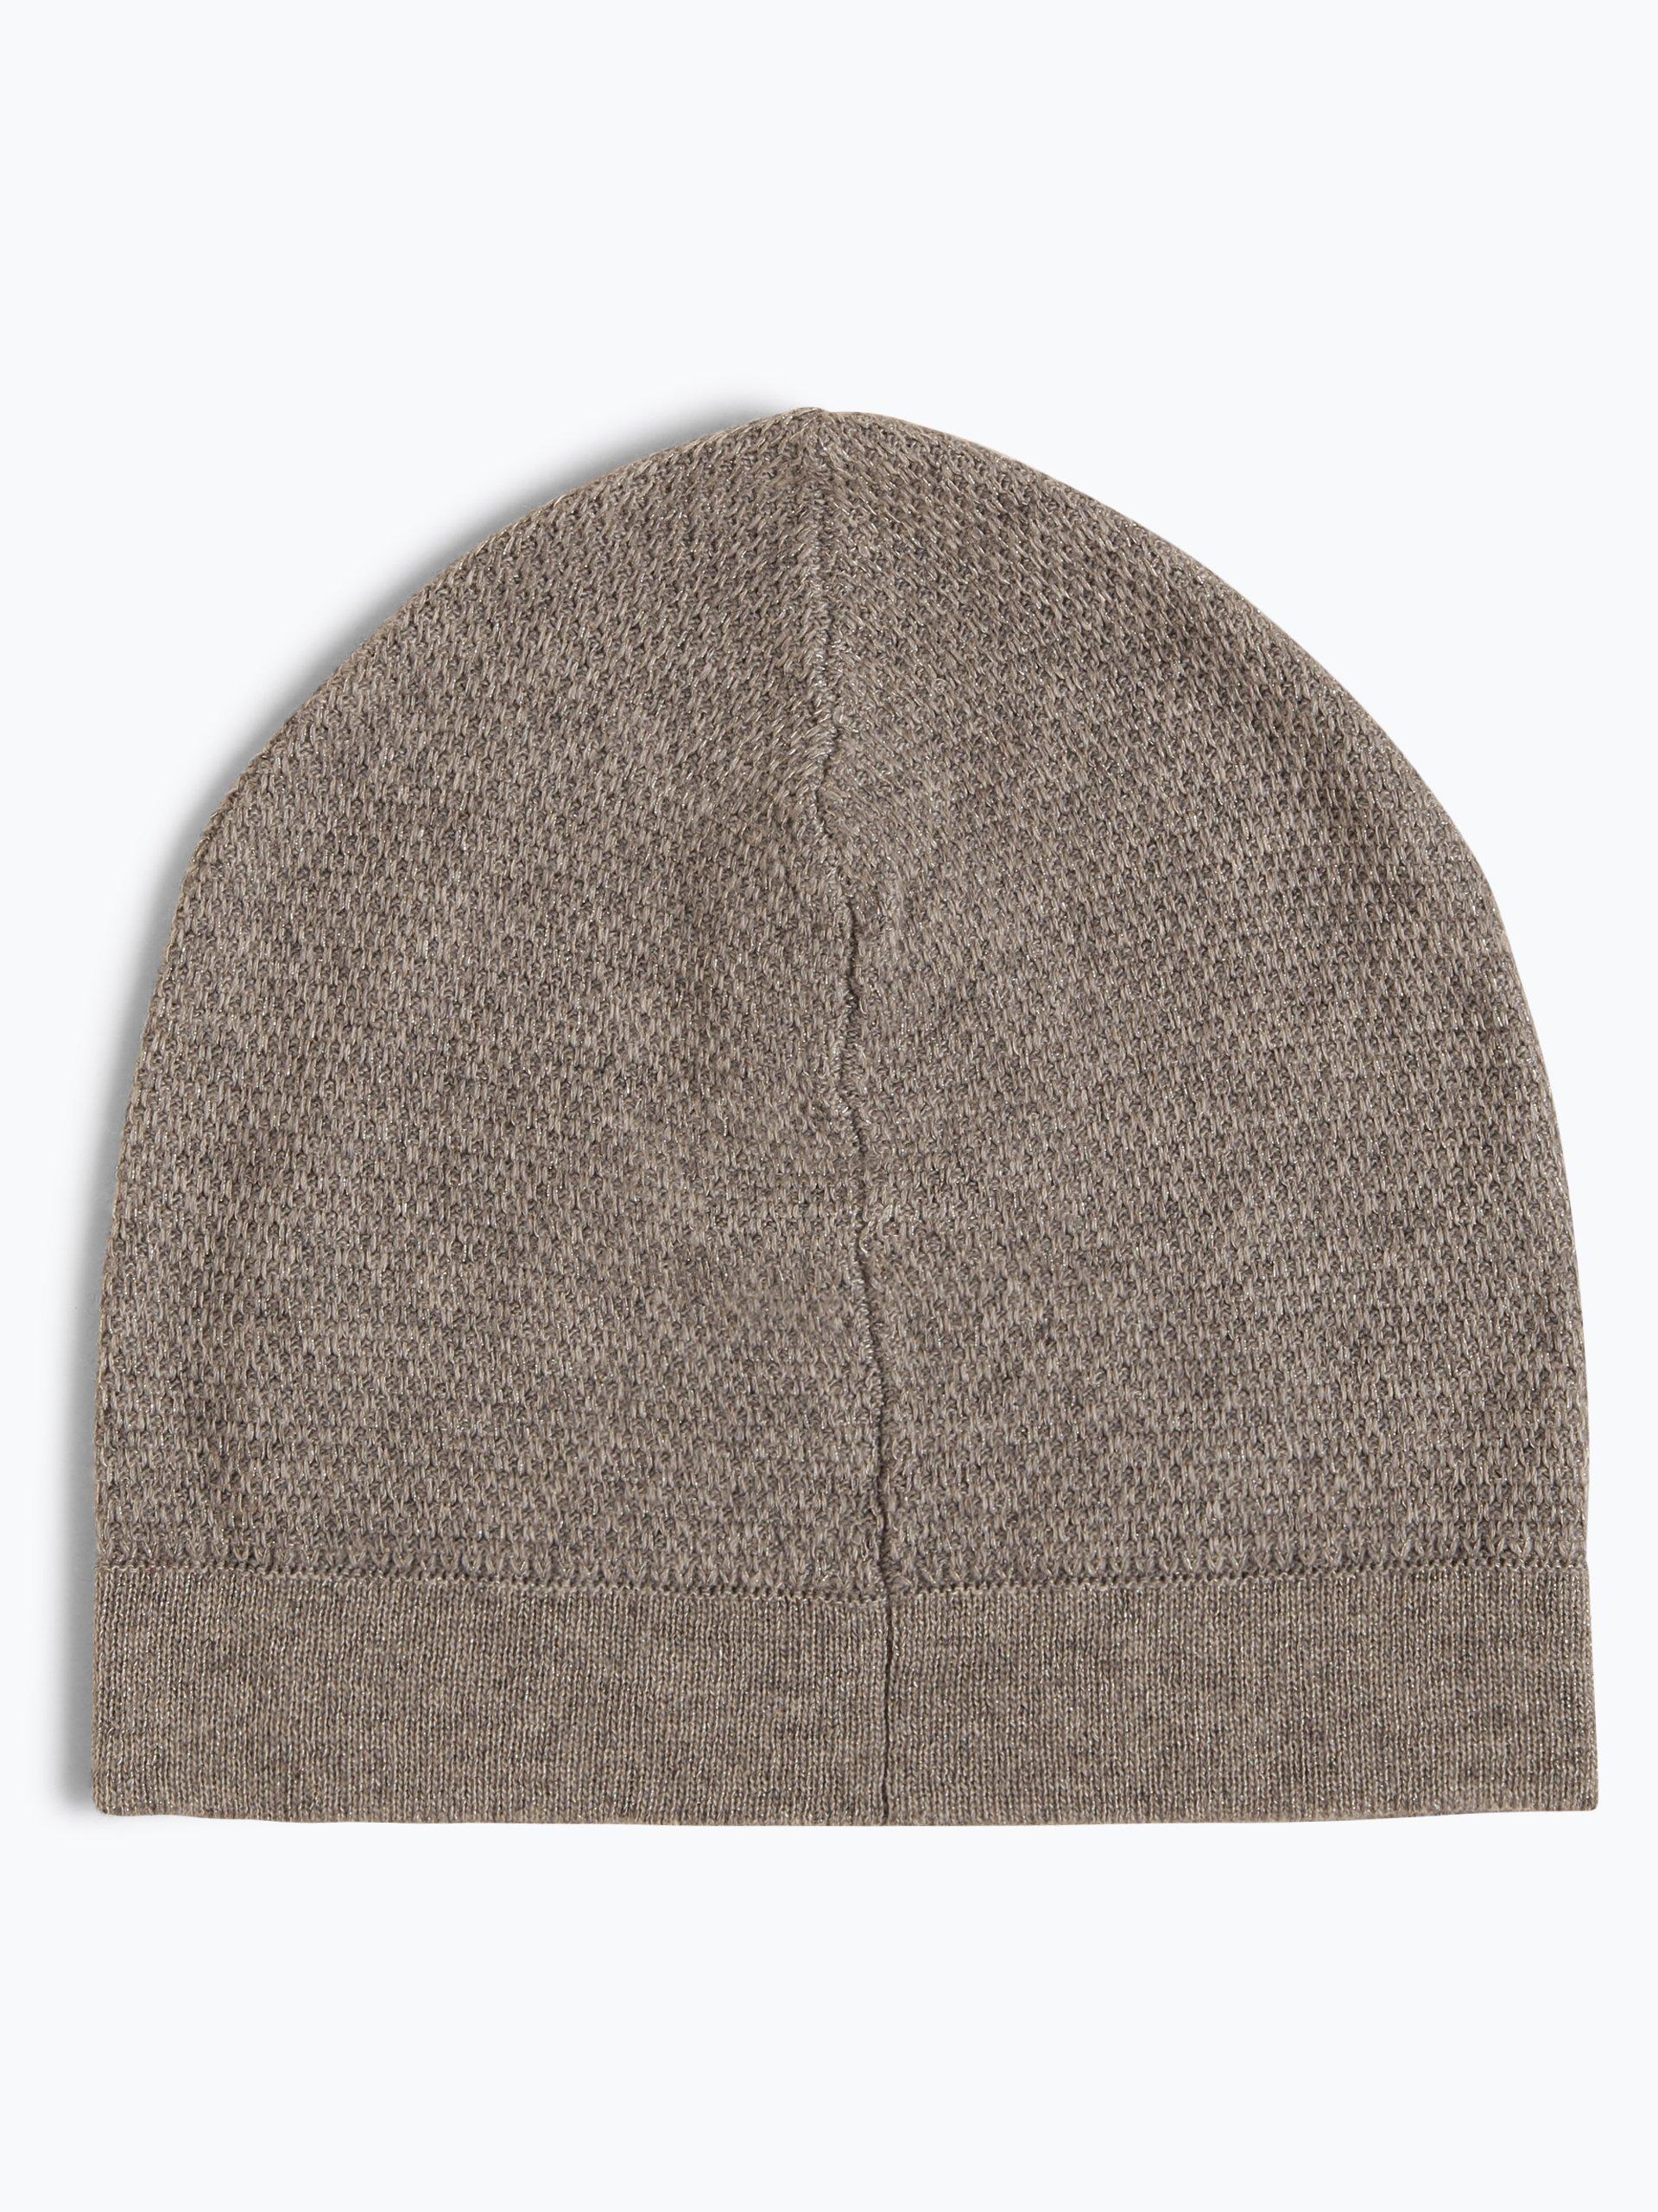 Franco Callegari Damen Mütze mit Merinowoll- und Alpaka-Anteil